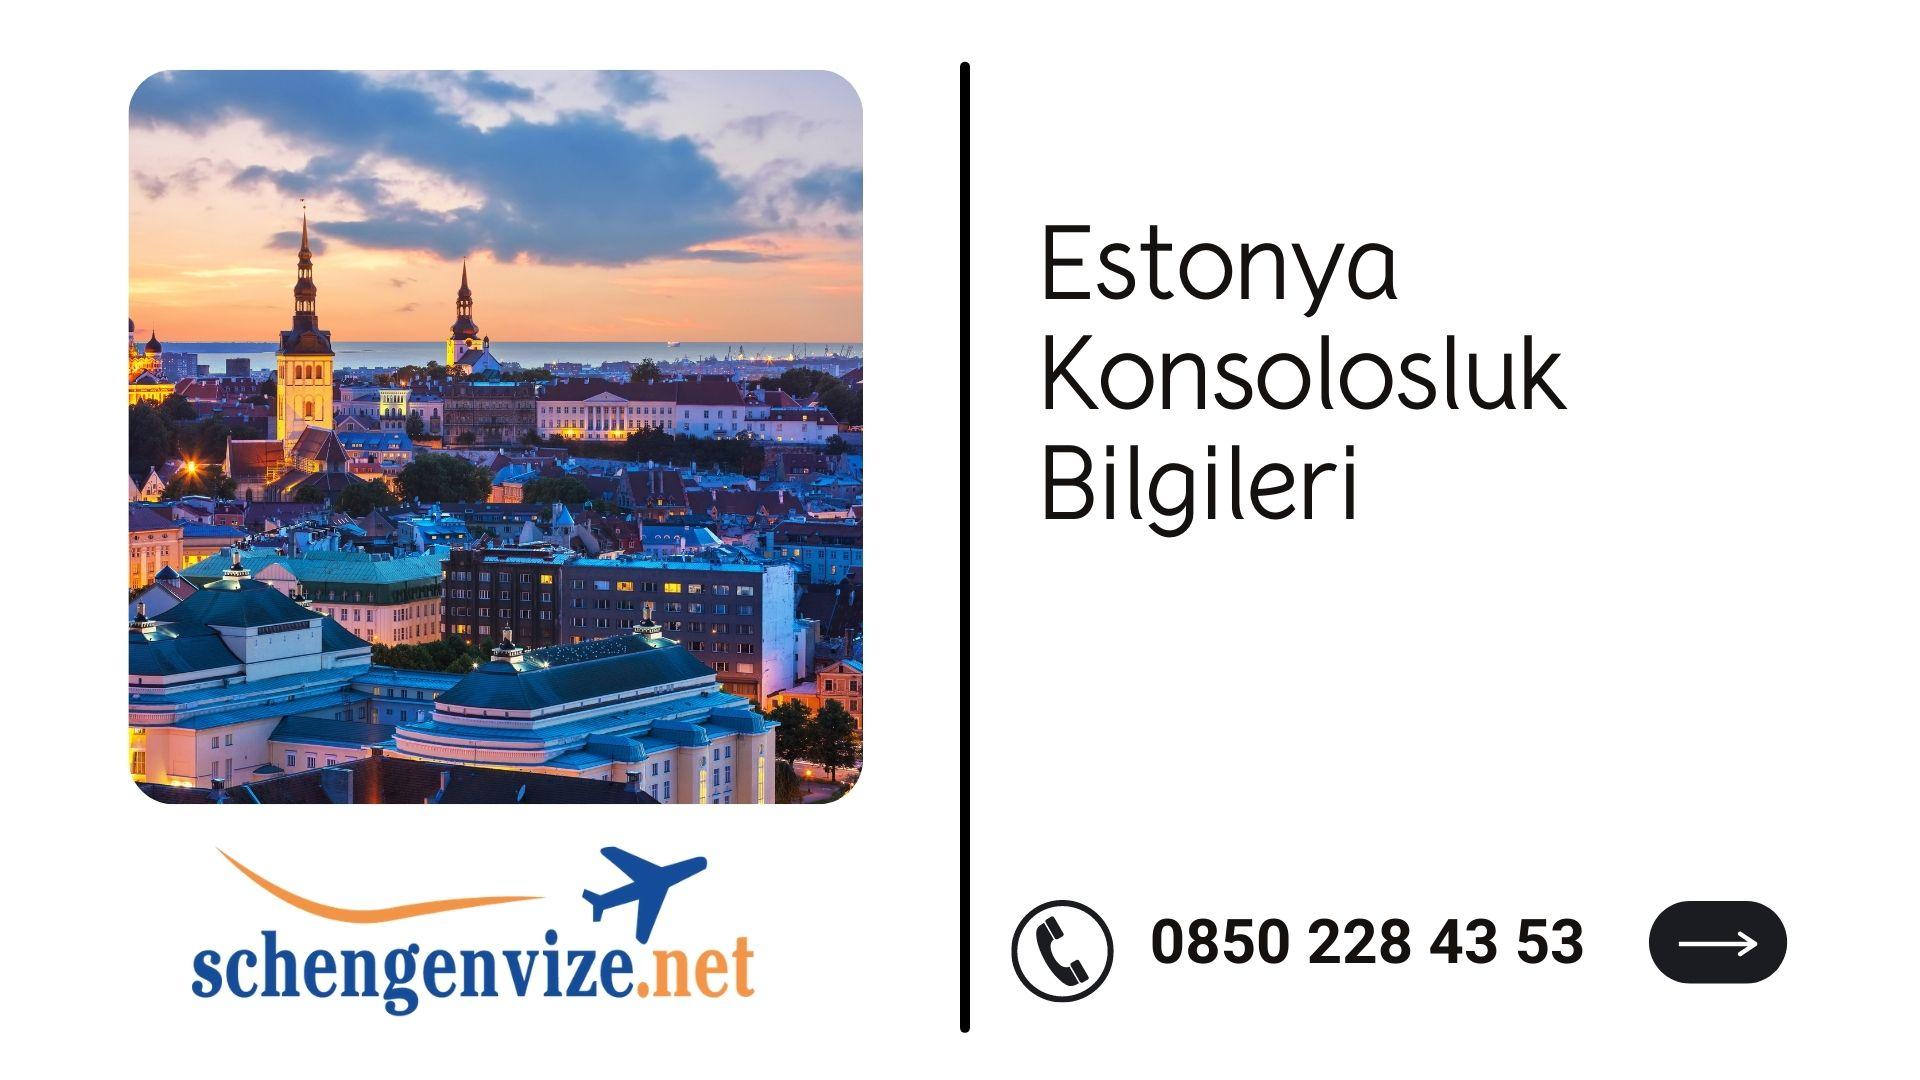 Estonya Konsolosluk Bilgileri